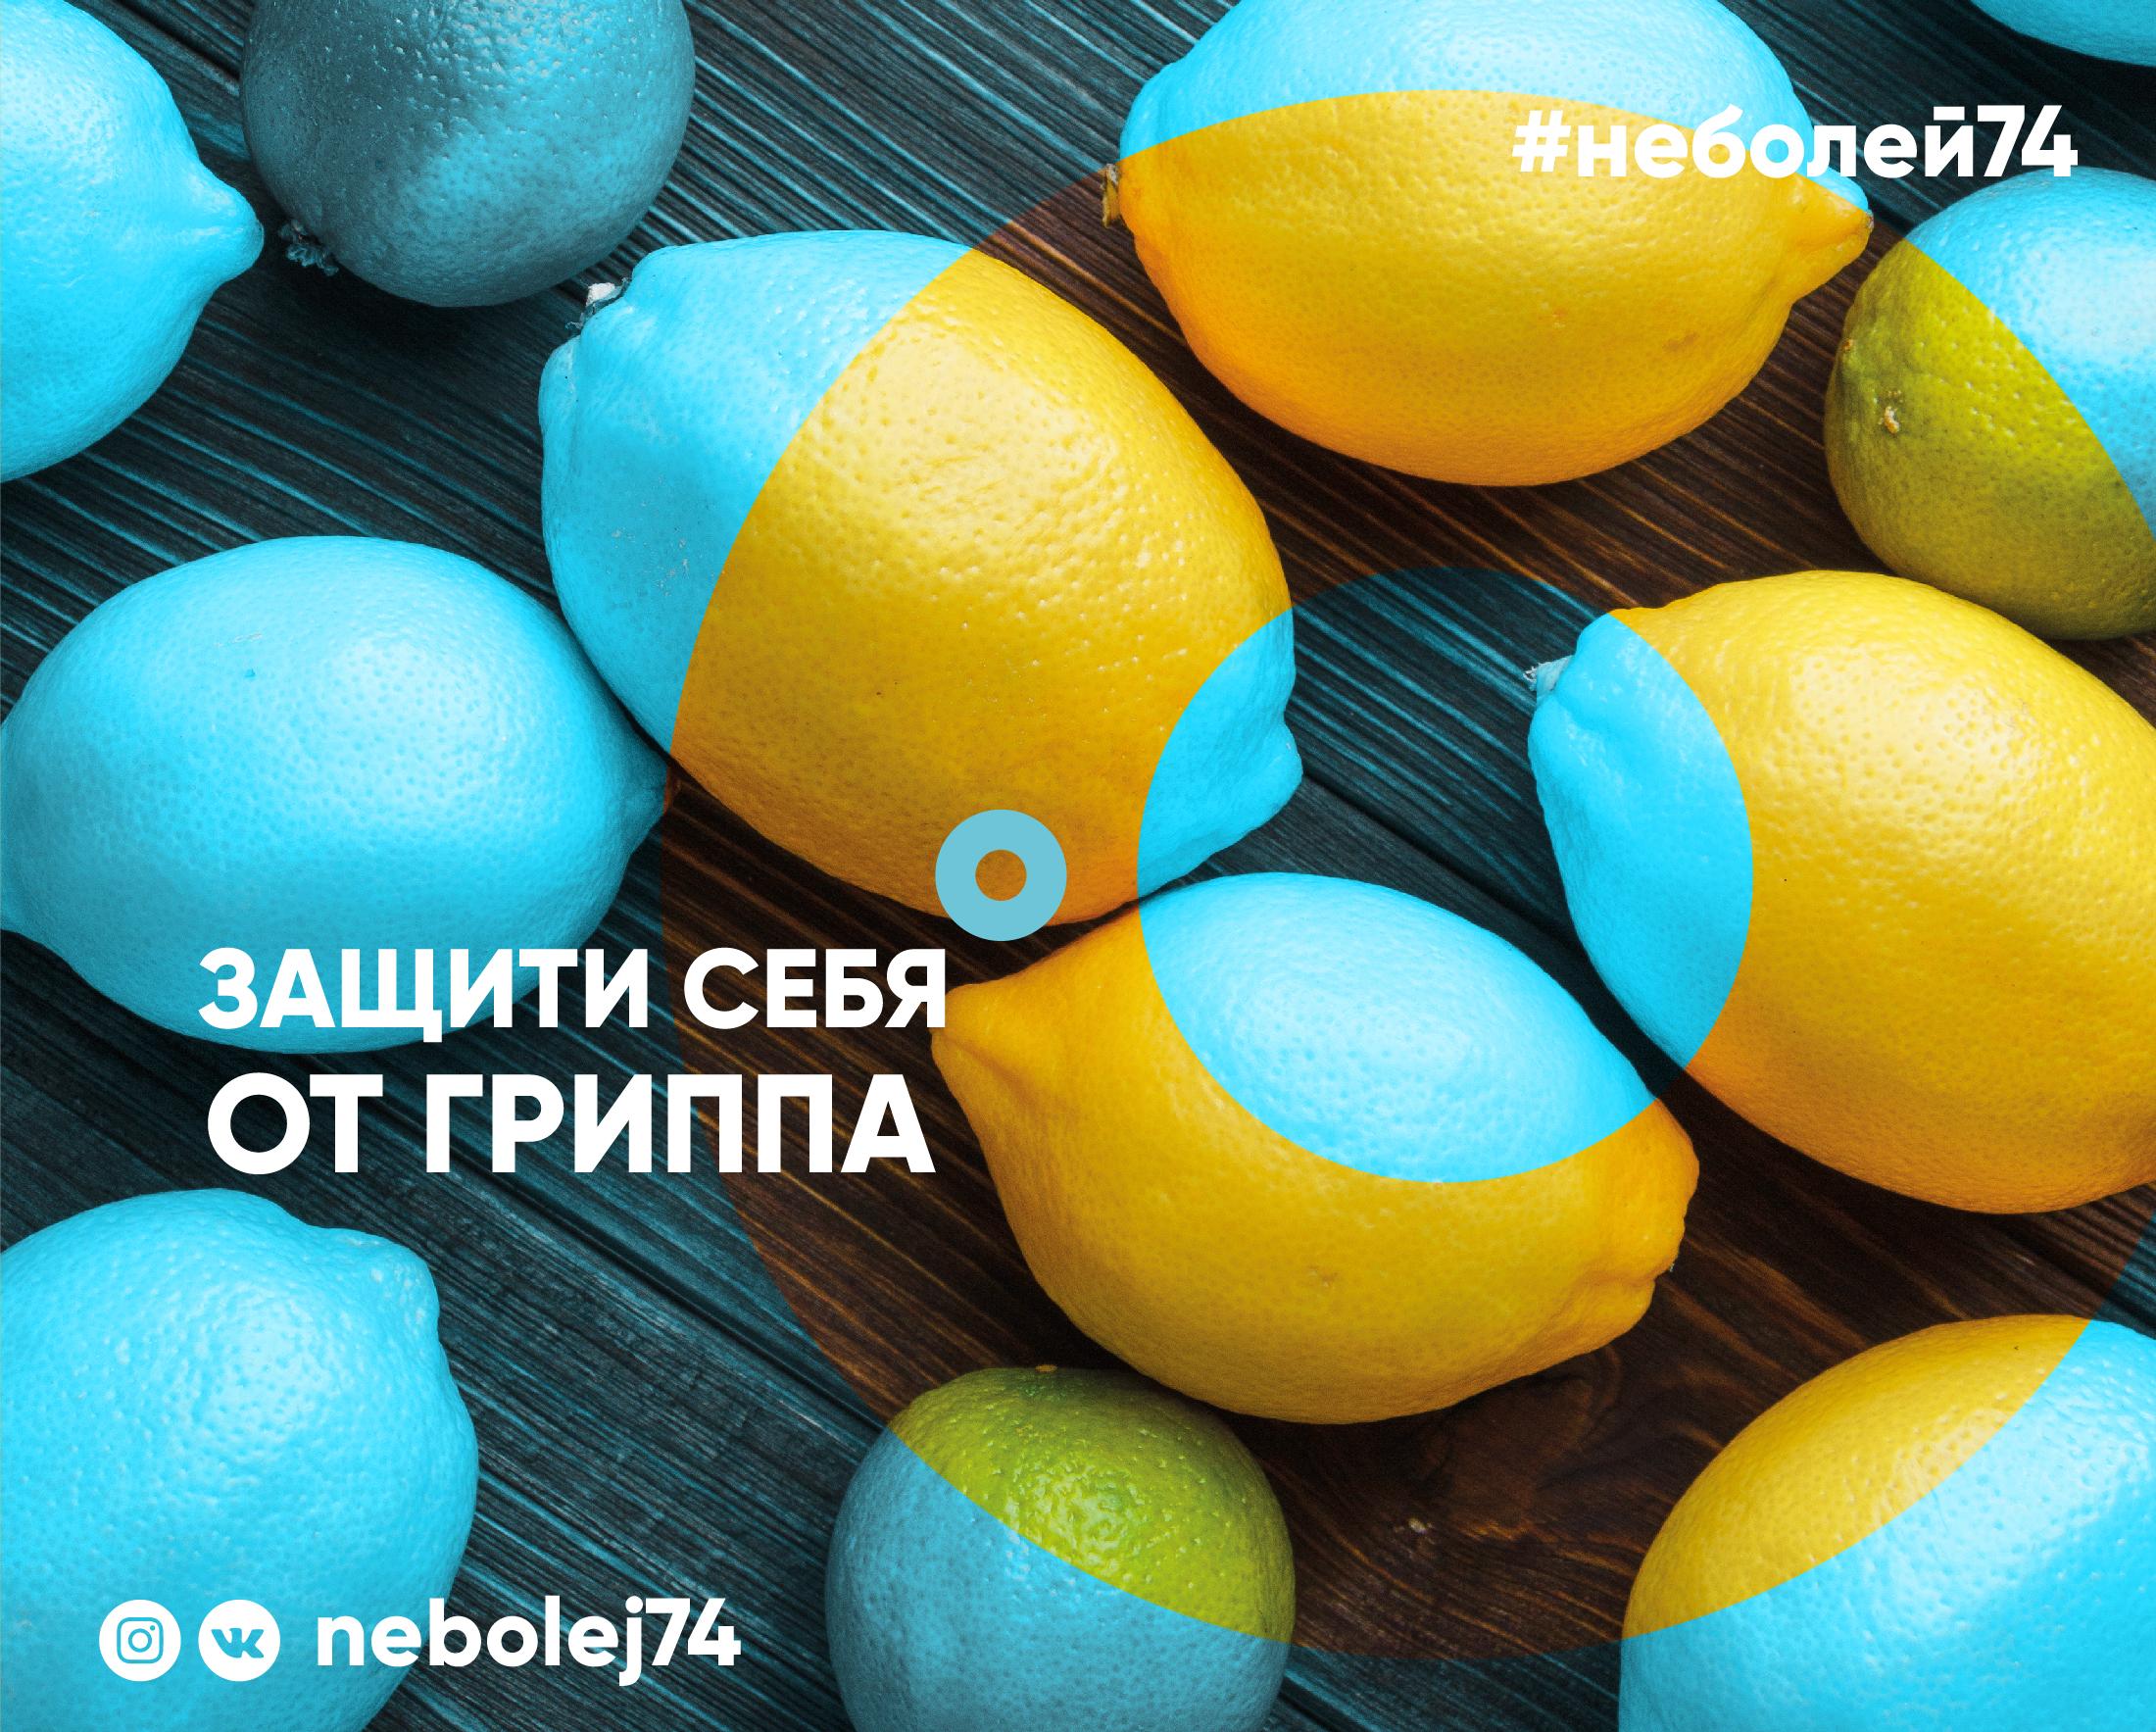 лимоны грипп не болей 74